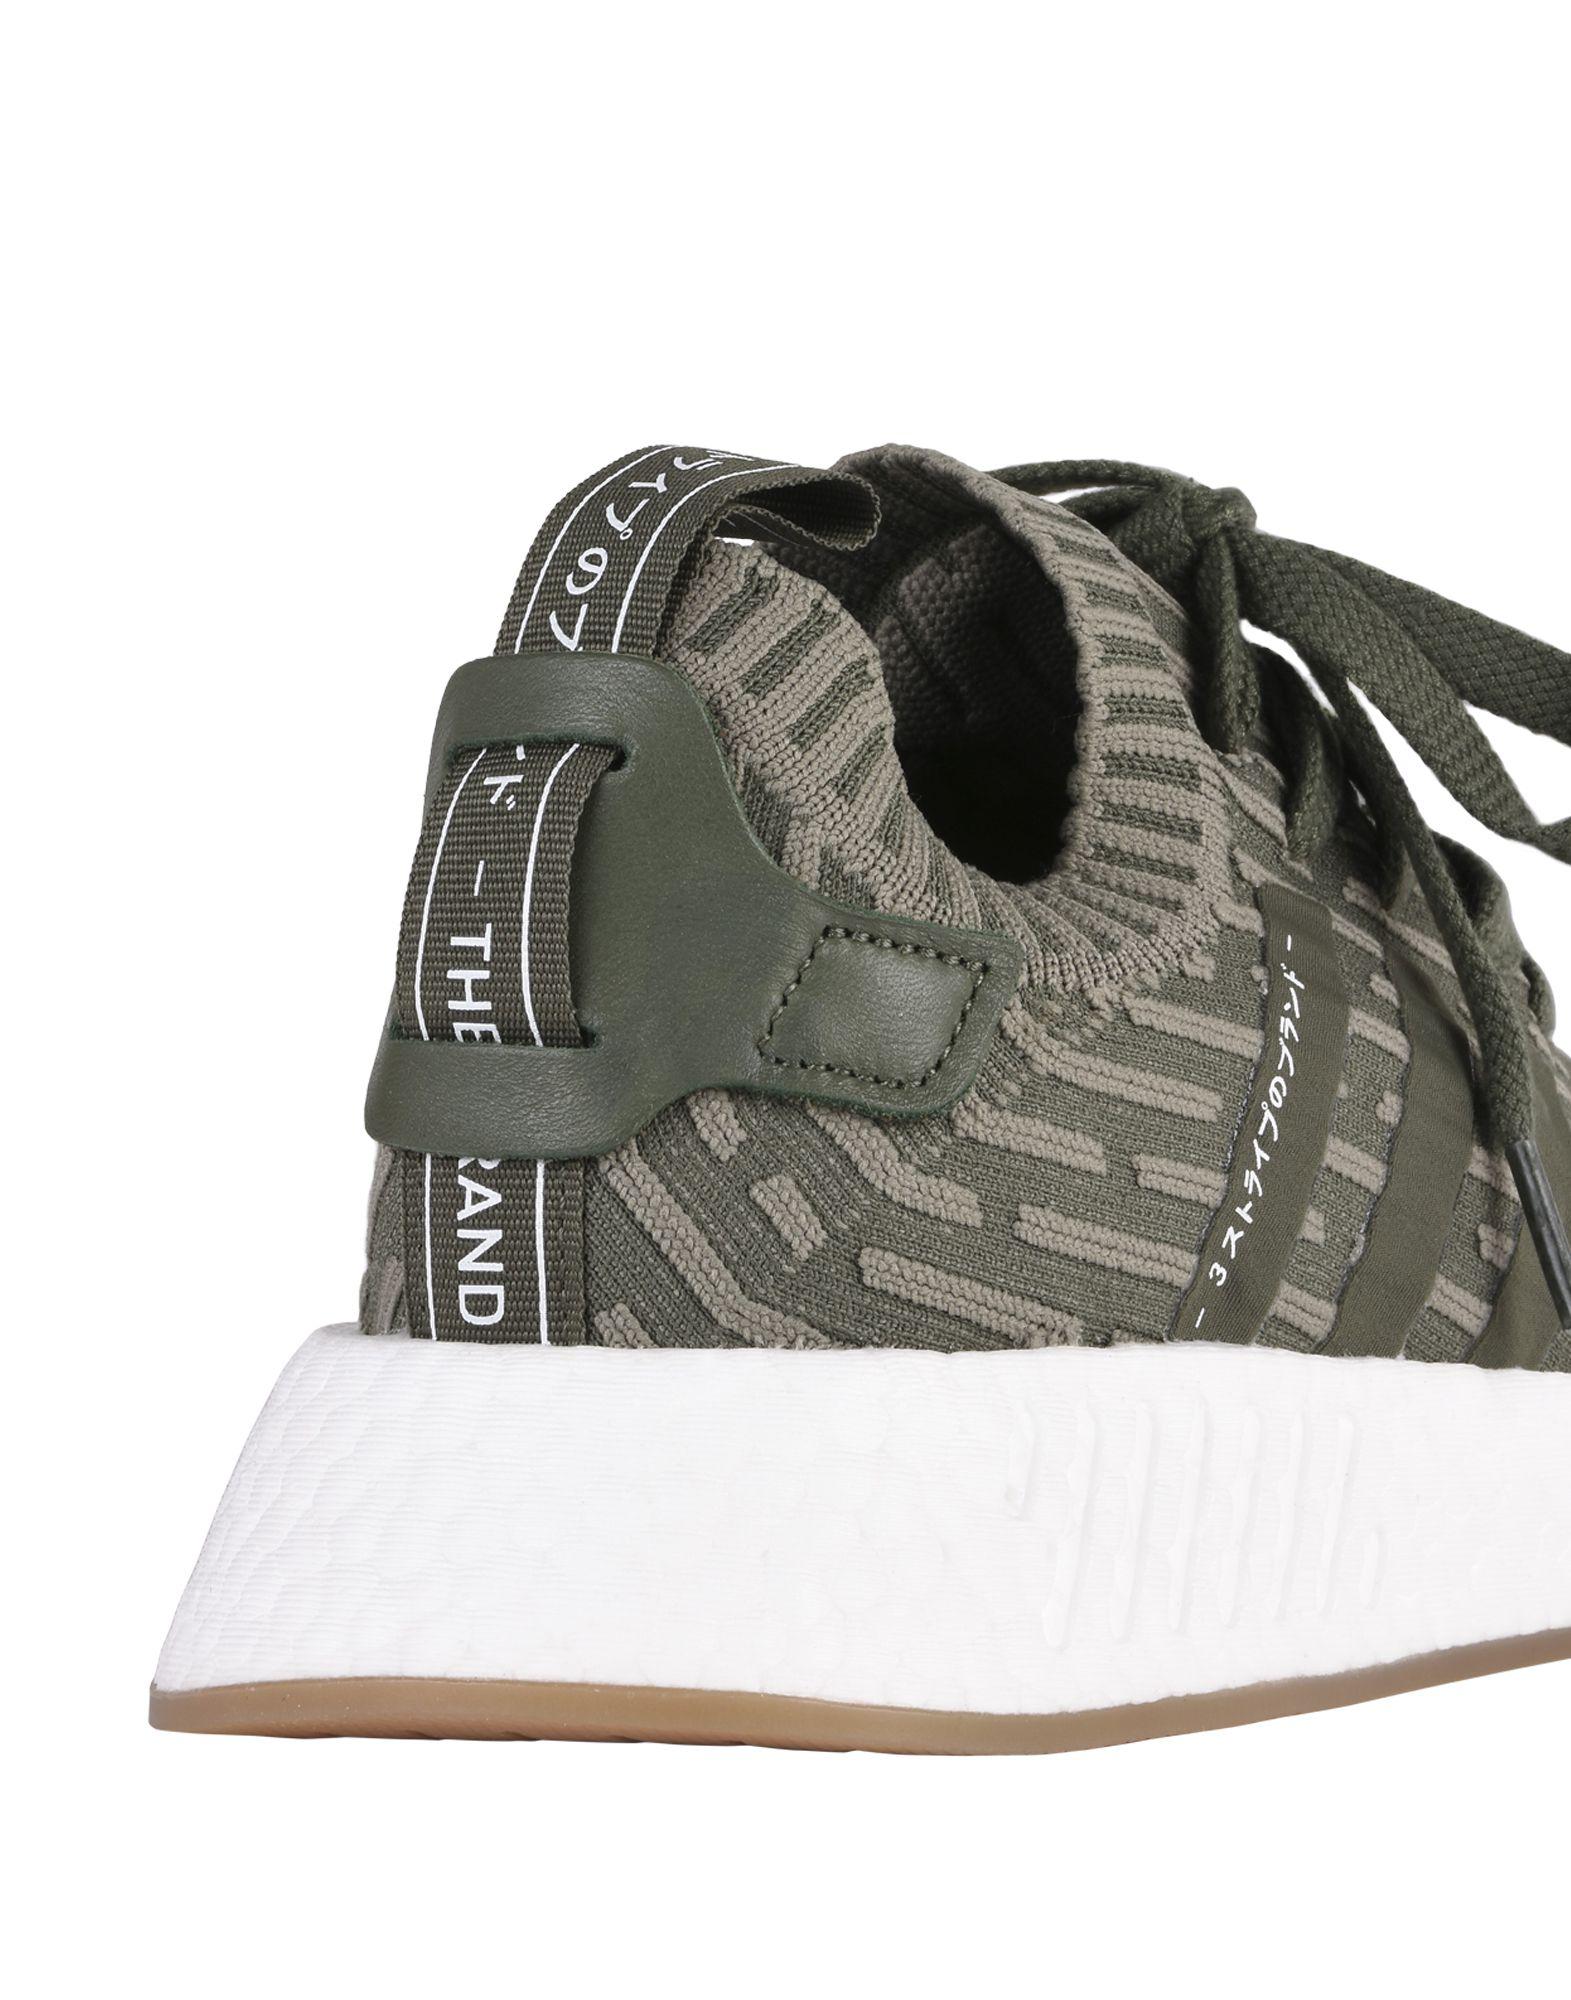 Gut um billige Schuhe Pk zu tragenAdidas Originals Nmd_R2 Pk Schuhe W  11382353NS 12ea29